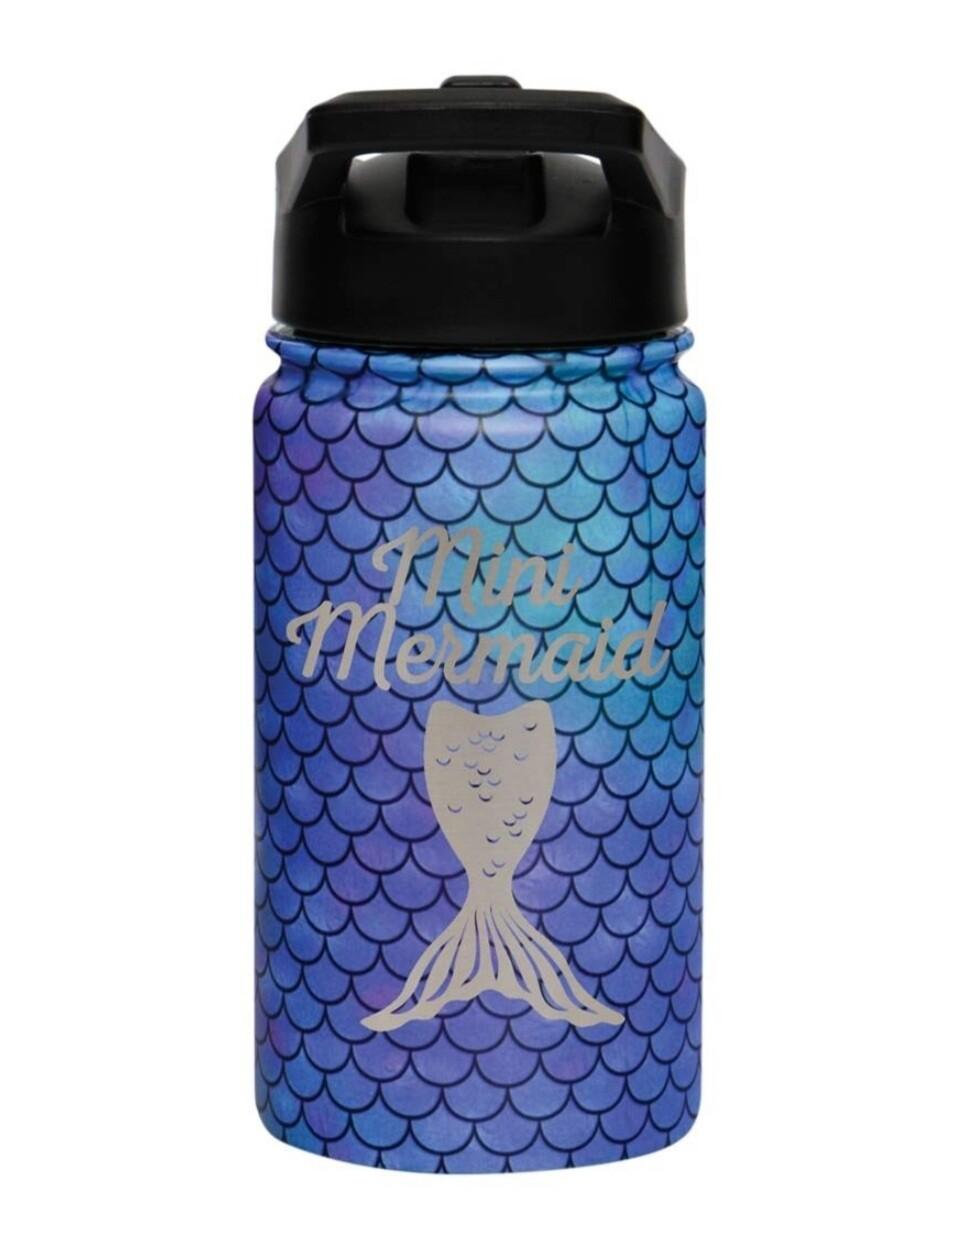 Carson 14oz Stainless Steel Children's Sport Bottle - Mini Mermaid